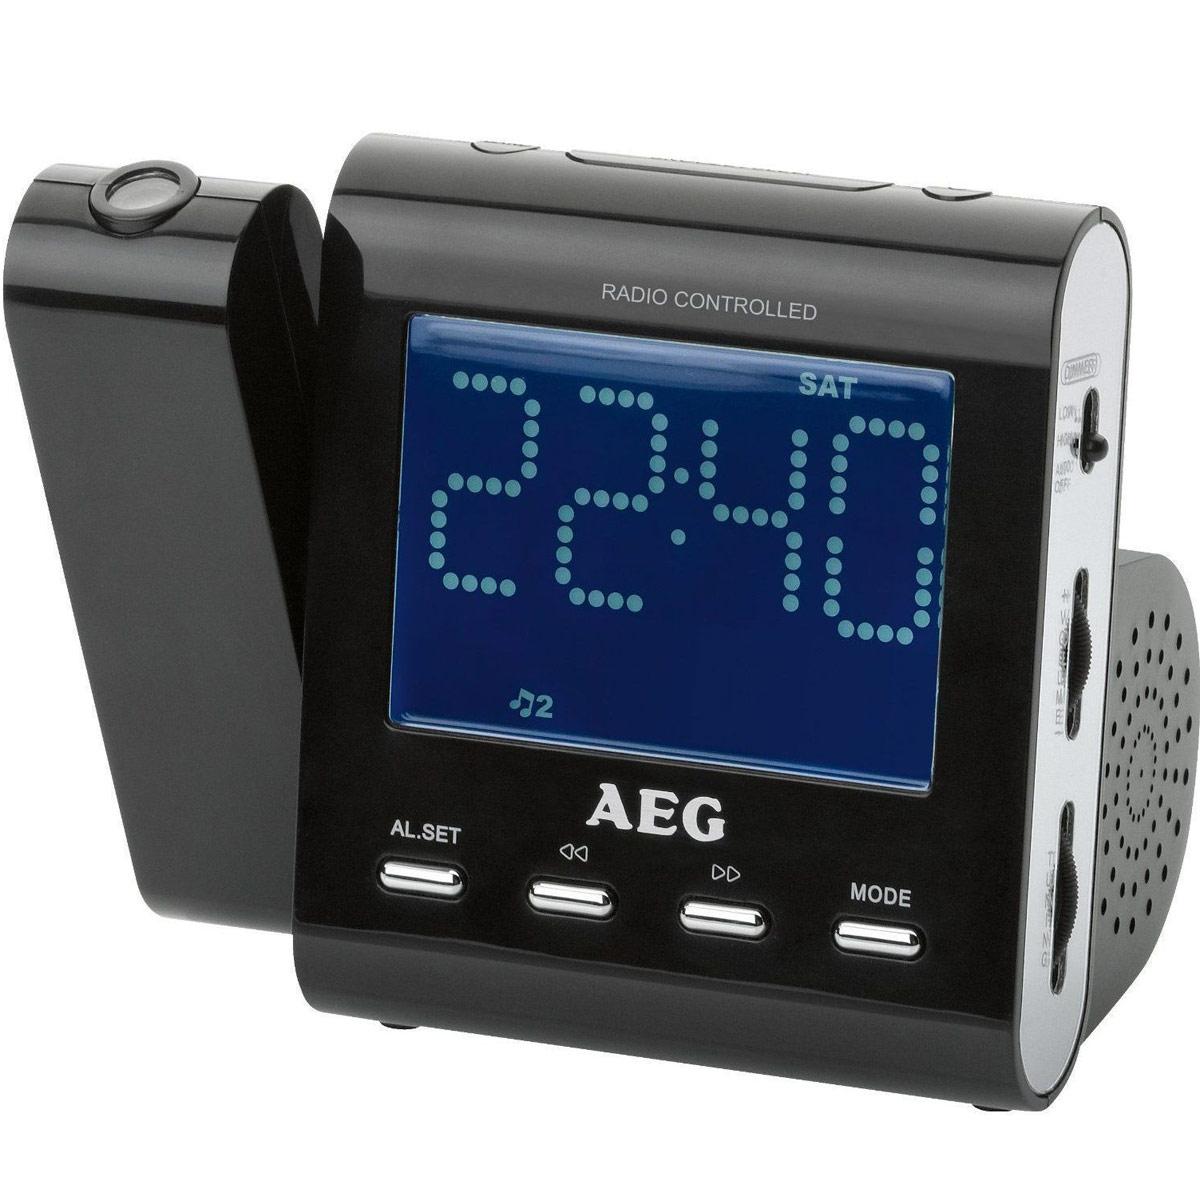 AEG MRC 4122 F, Black радиочасыMRC 4122 FРадиобудильник AEG MRC 4122 F. Вход AUX-IN Индикация дня недели, индикация даты Проекция времени с возможностью включения/отключения Поворотный проектор 180° с возможностью фокусировки Светодиодный дисплей размером около 9,5 см, с синей подсветкой Цифровая индикация частоты настройки, дипольная антенна Резервное питание для часов при отключении питания сети Резервное питание для часов: часоваябатарея CR 2032 (батарея в комплект поставки не входит)